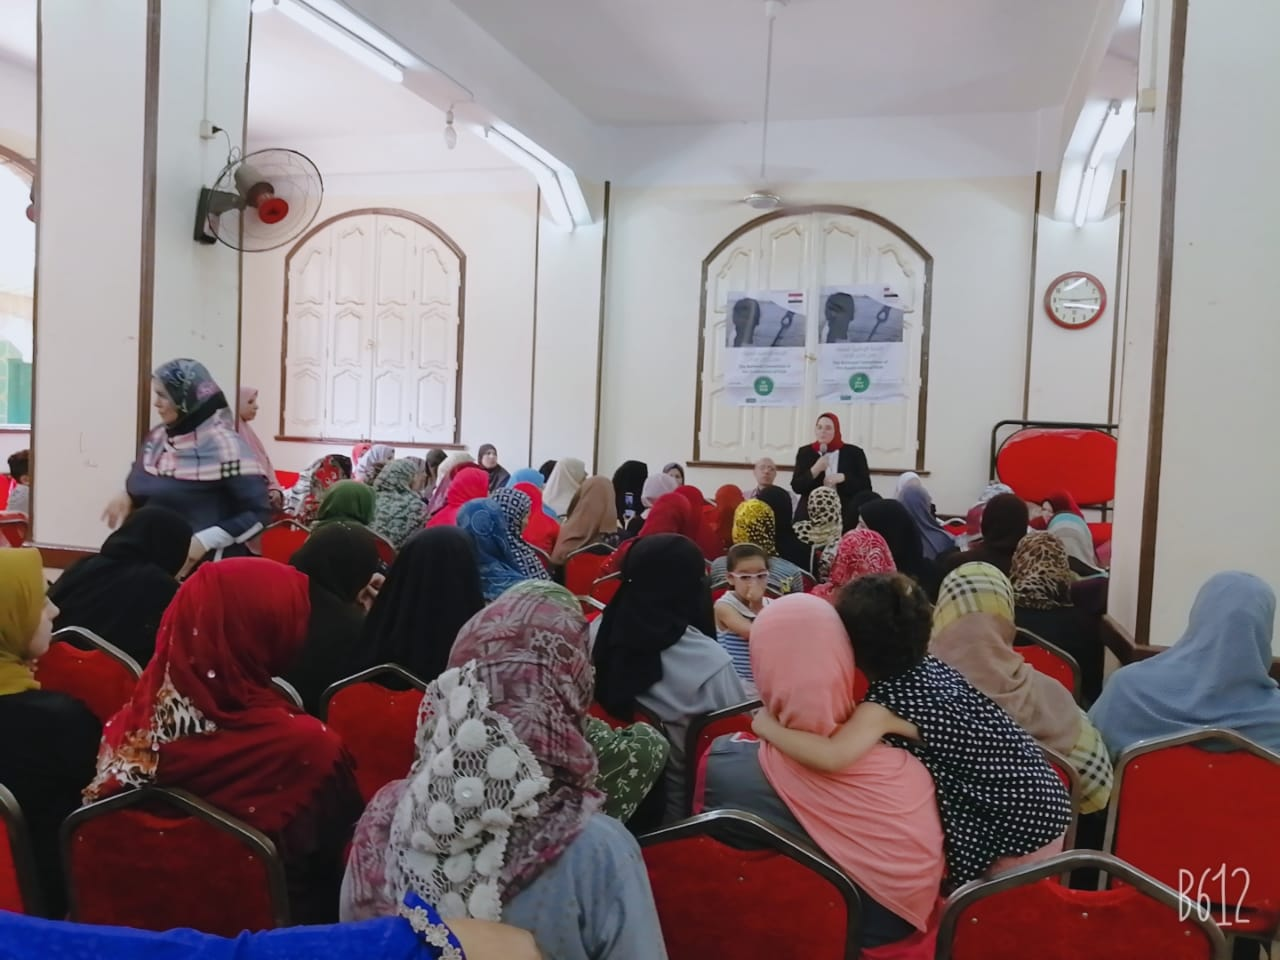 القومى للمرأة بالشرقية ينظم قوافل توعية فى اليوم الوطني لمناهضة ختان الإناث (6)